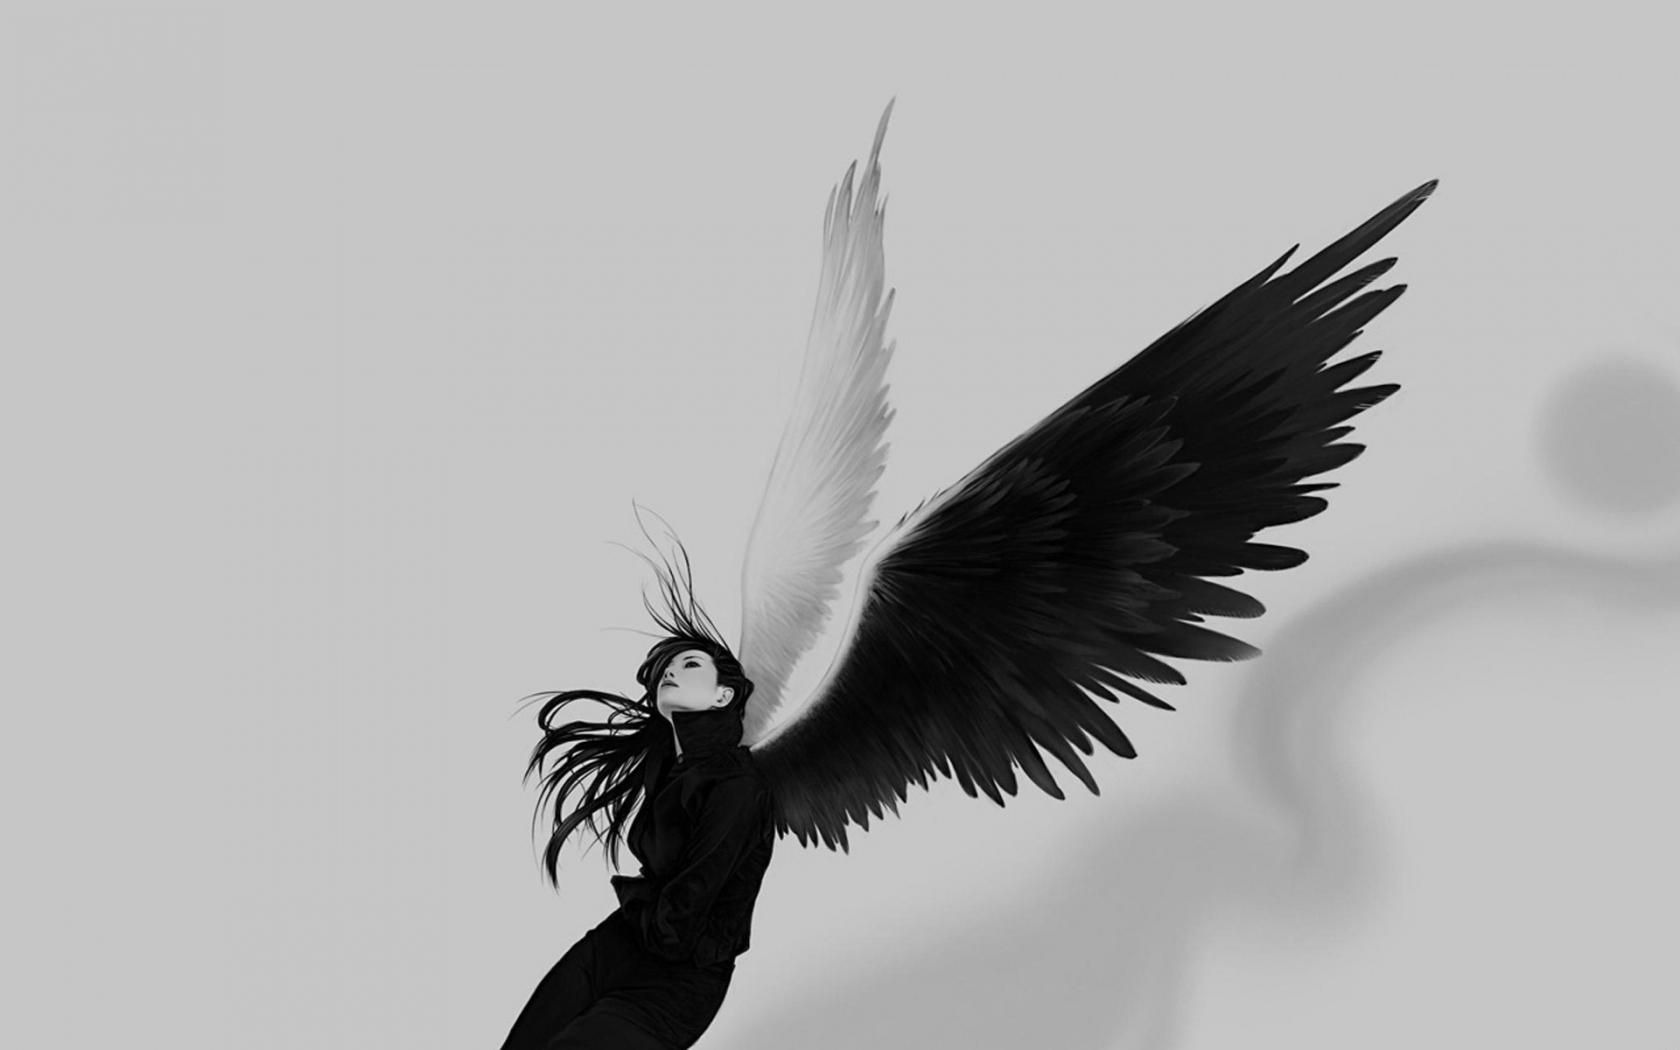 Chica con alas blanco y negro - 1680x1050